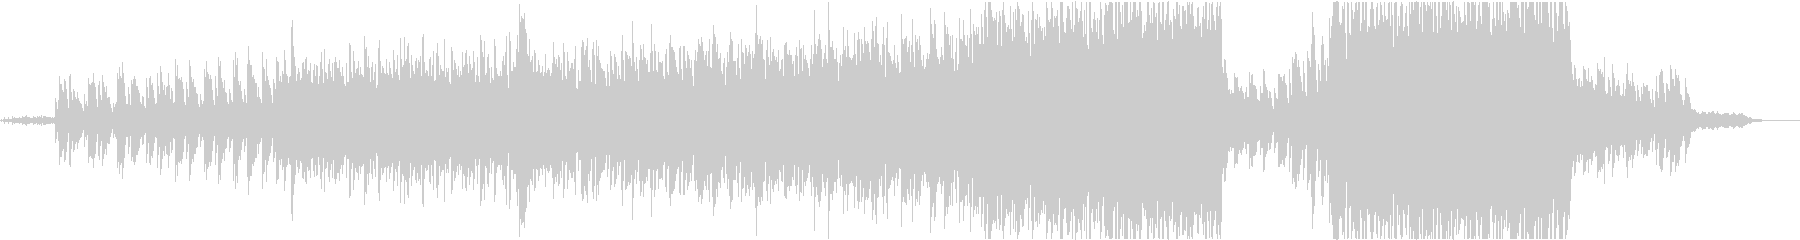 ピアノとストリングス主体の映像的な曲の未再生の波形